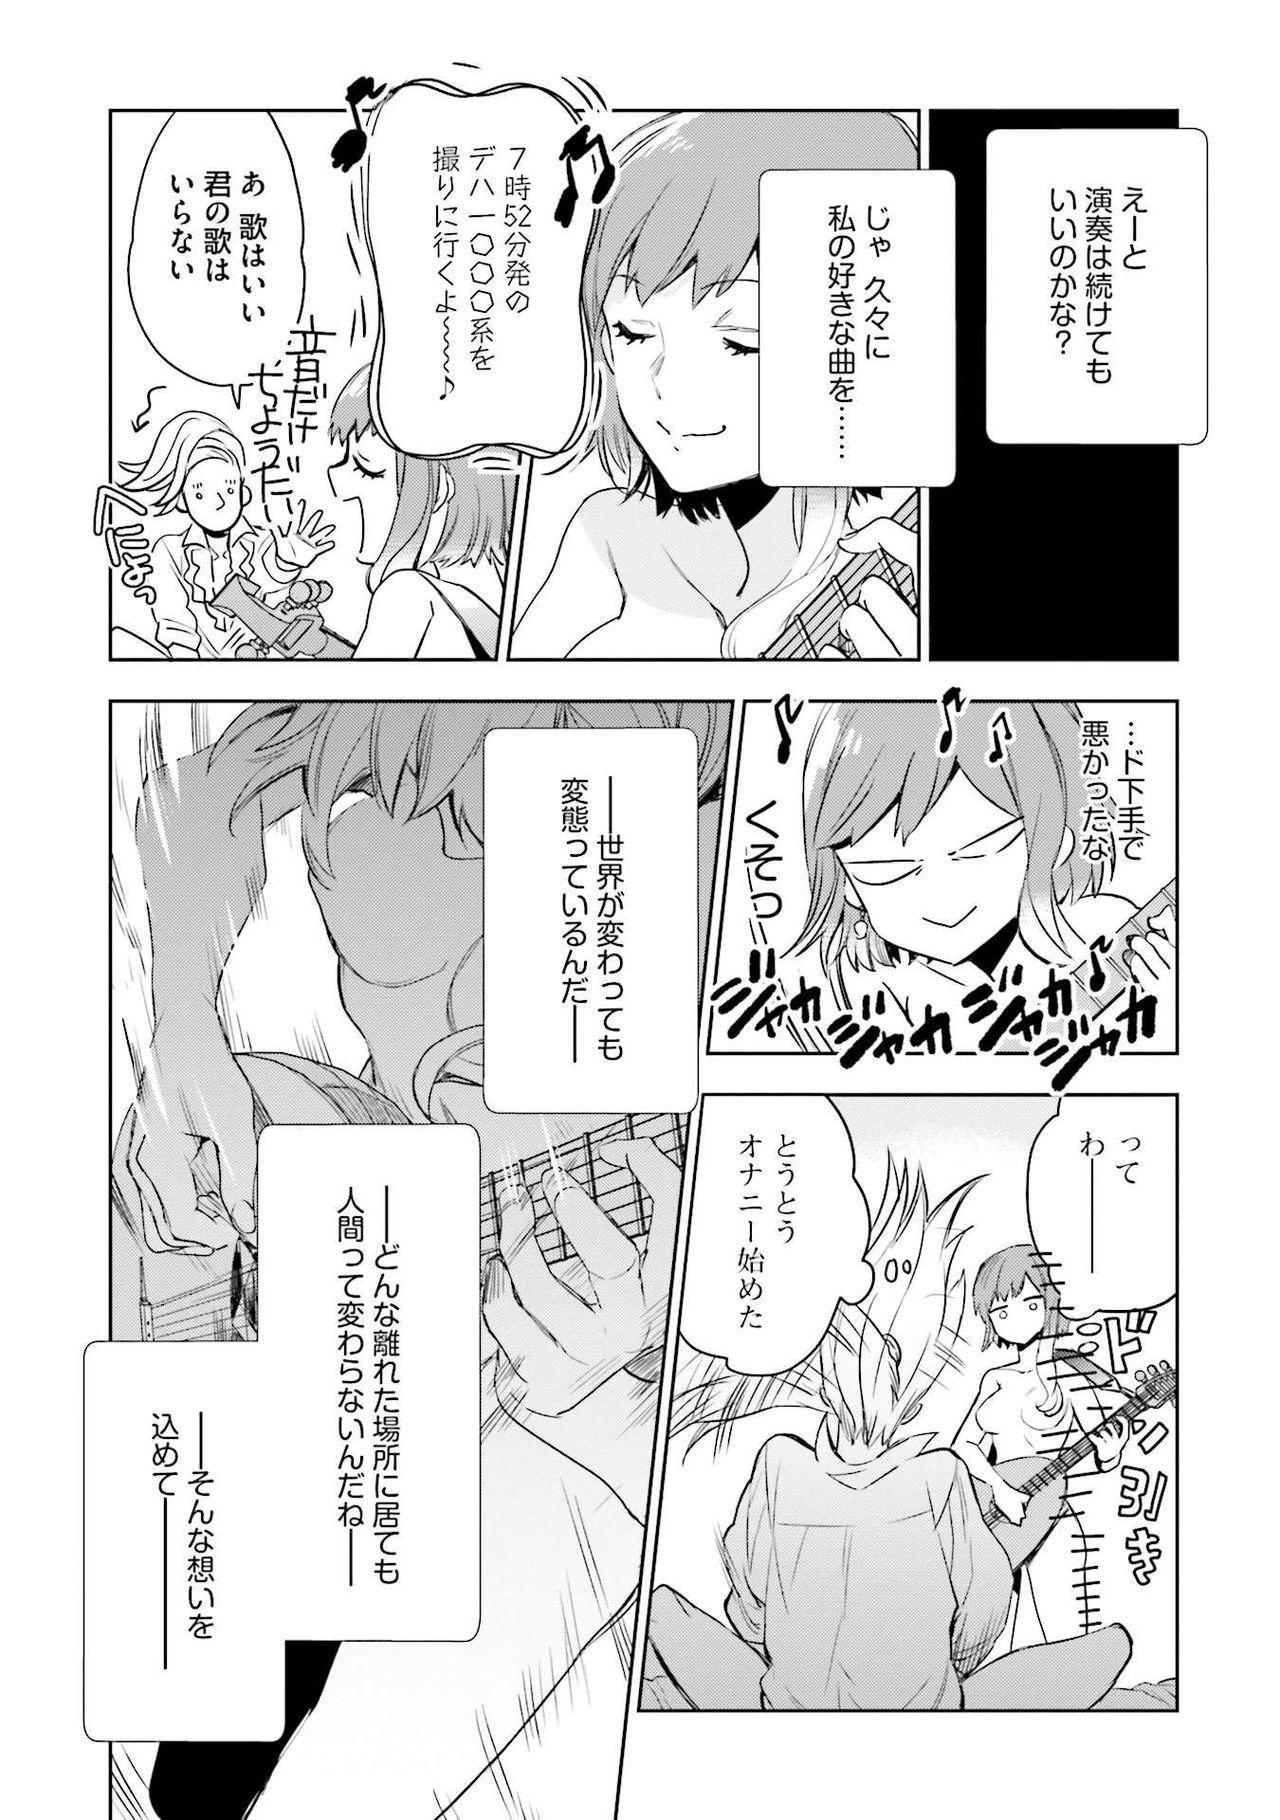 JK Haru wa Isekai de Shoufu ni Natta 1-14 114